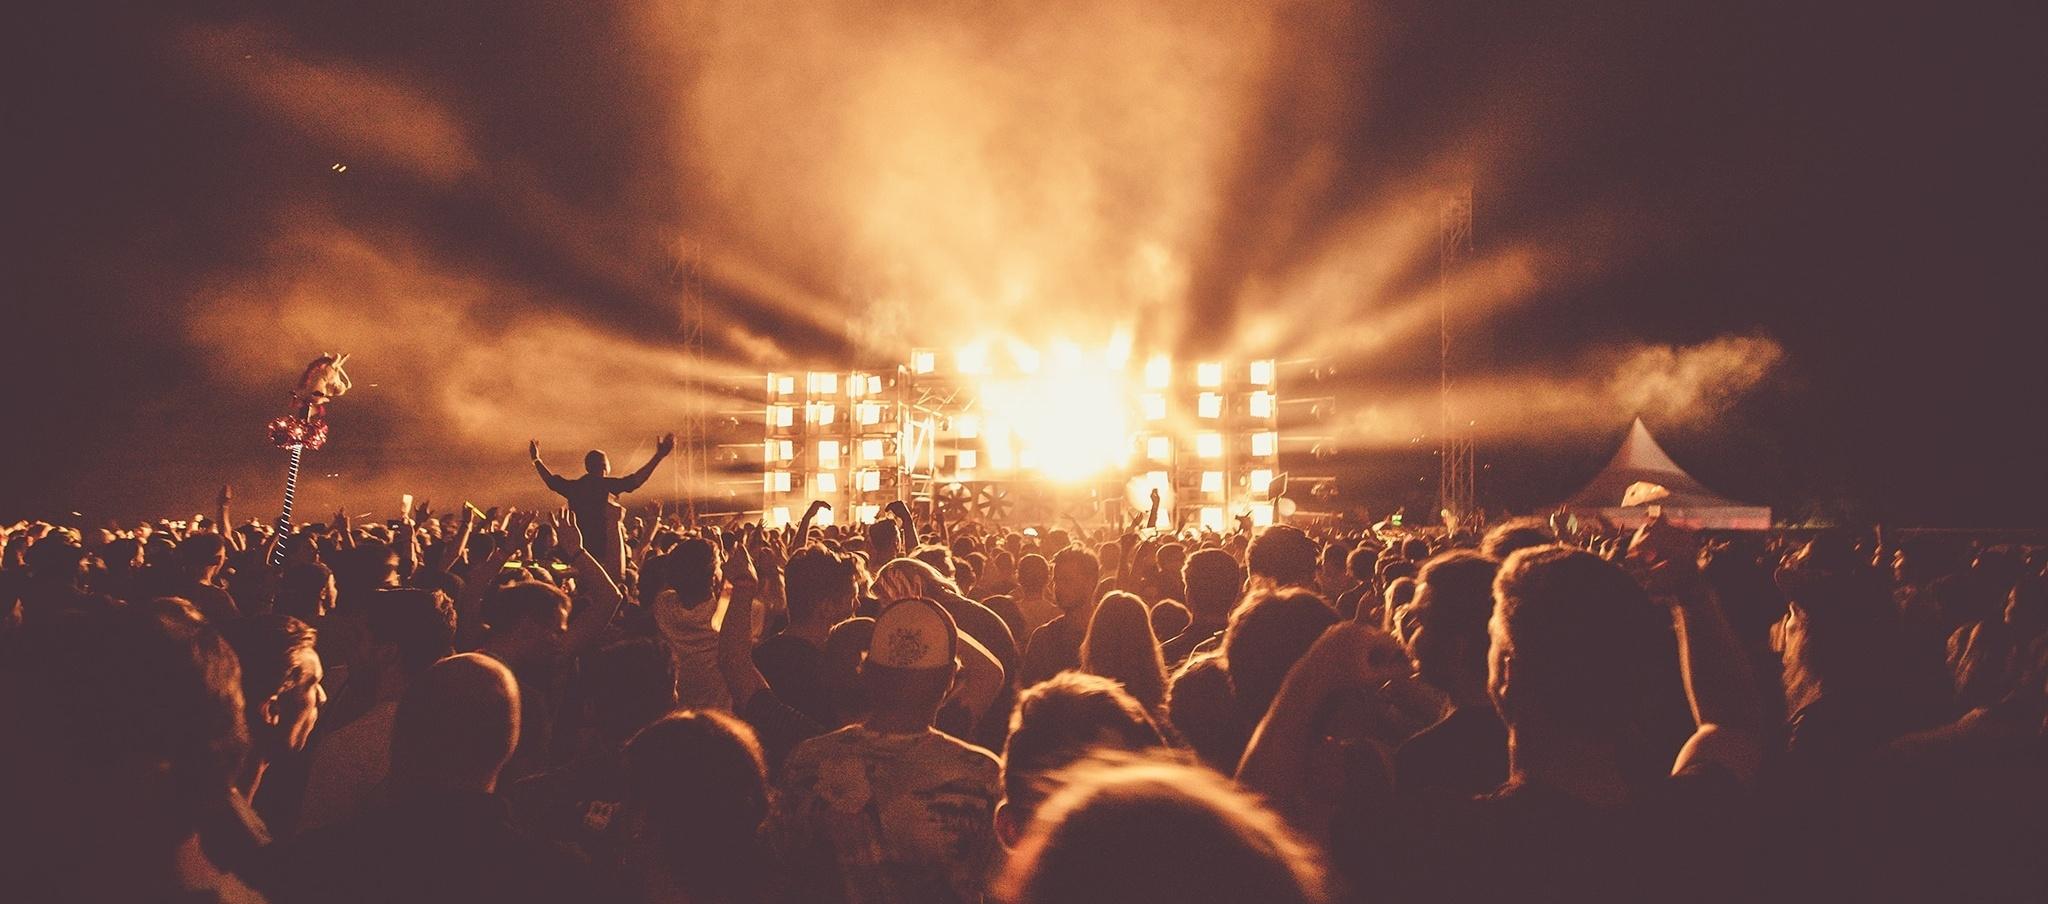 Evento musicale dal vivo che simboleggia l'affiliazione a un brand - Brand Reputation